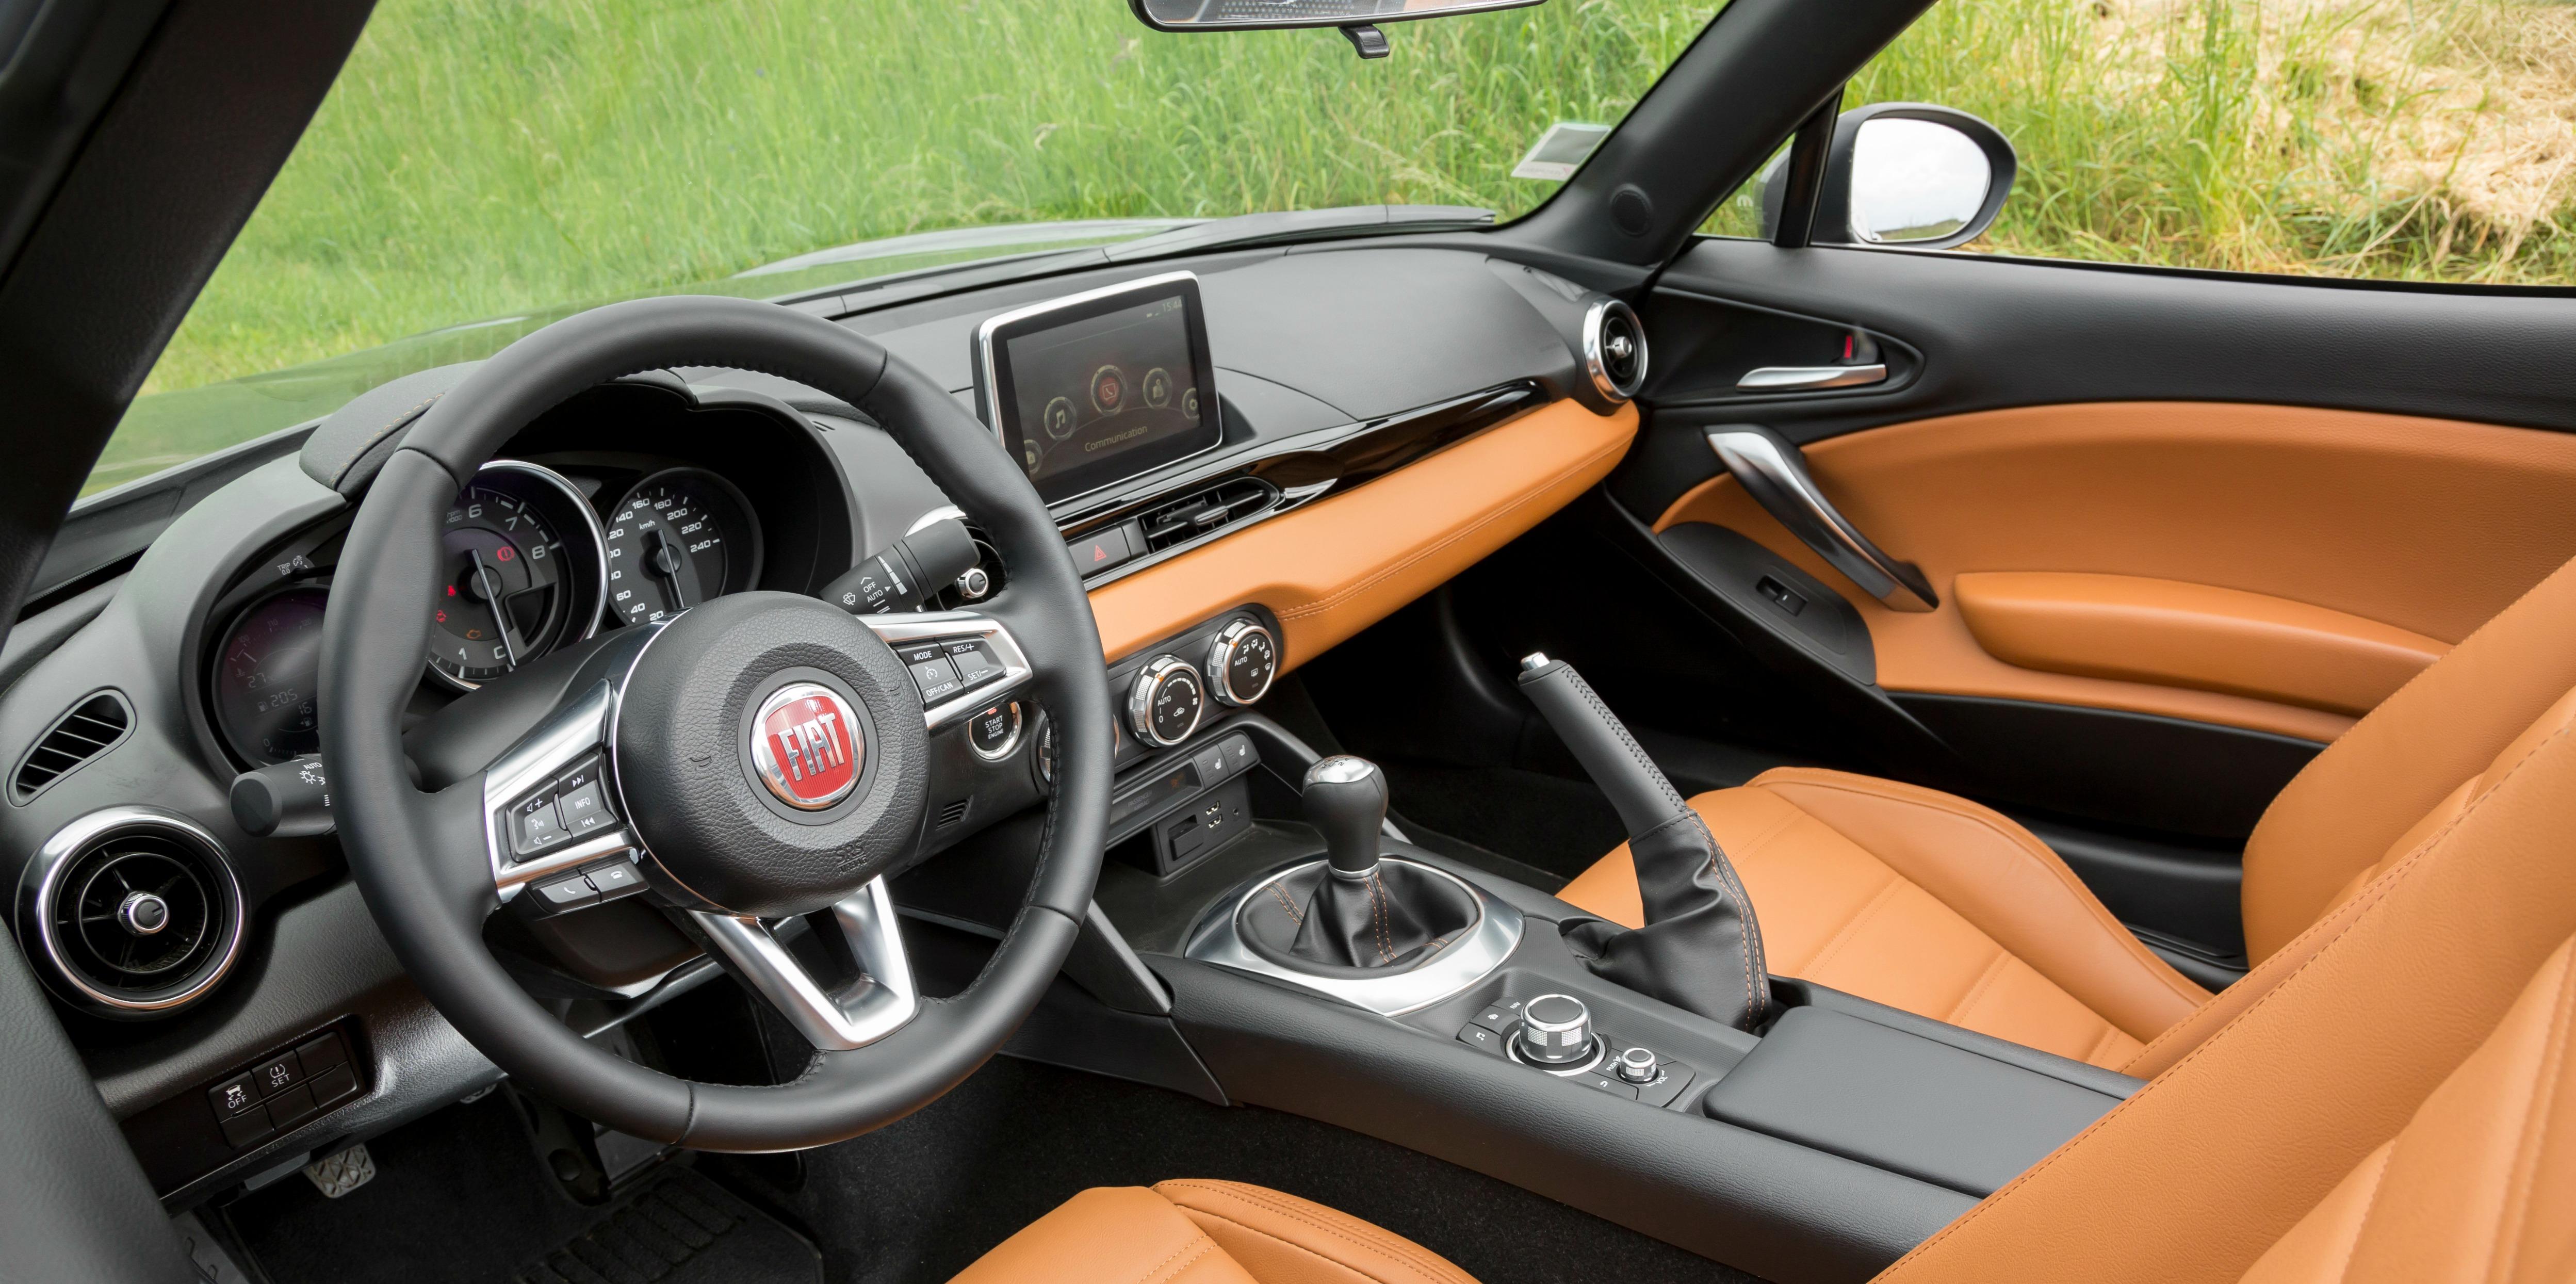 interieur du Fiat 124 spider de 2016